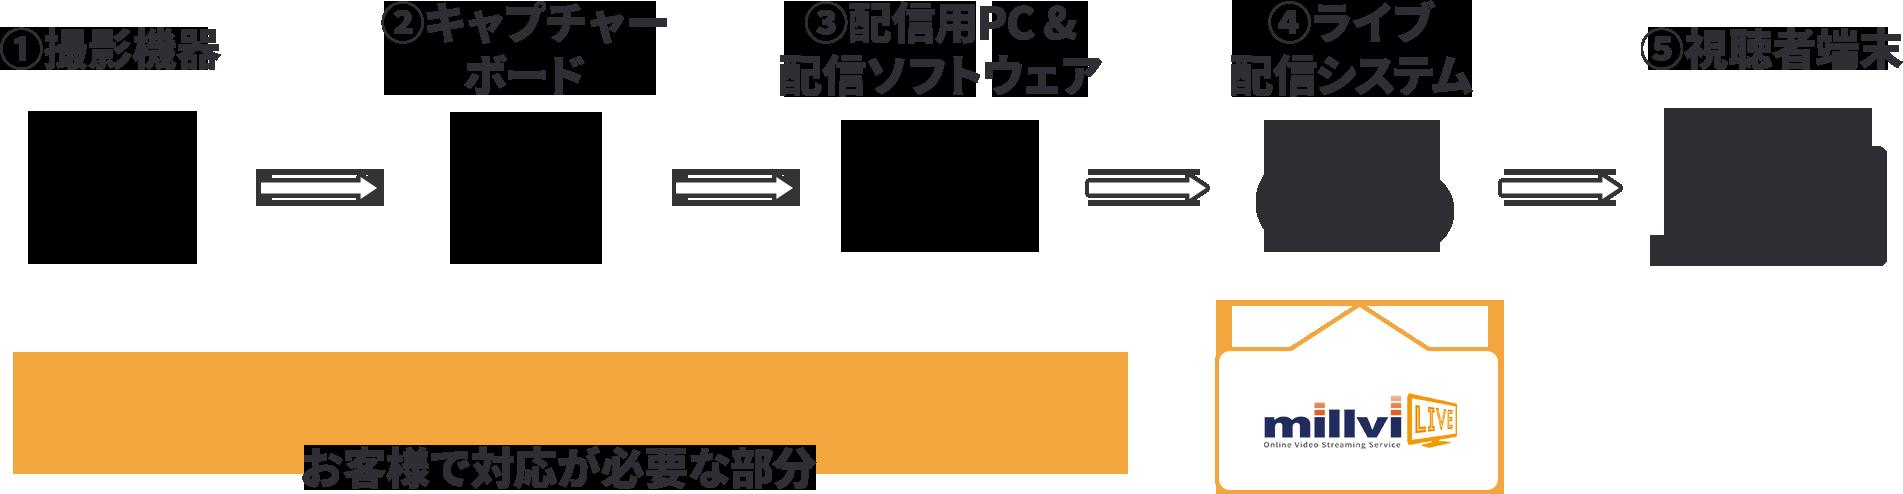 ライブ配信方法